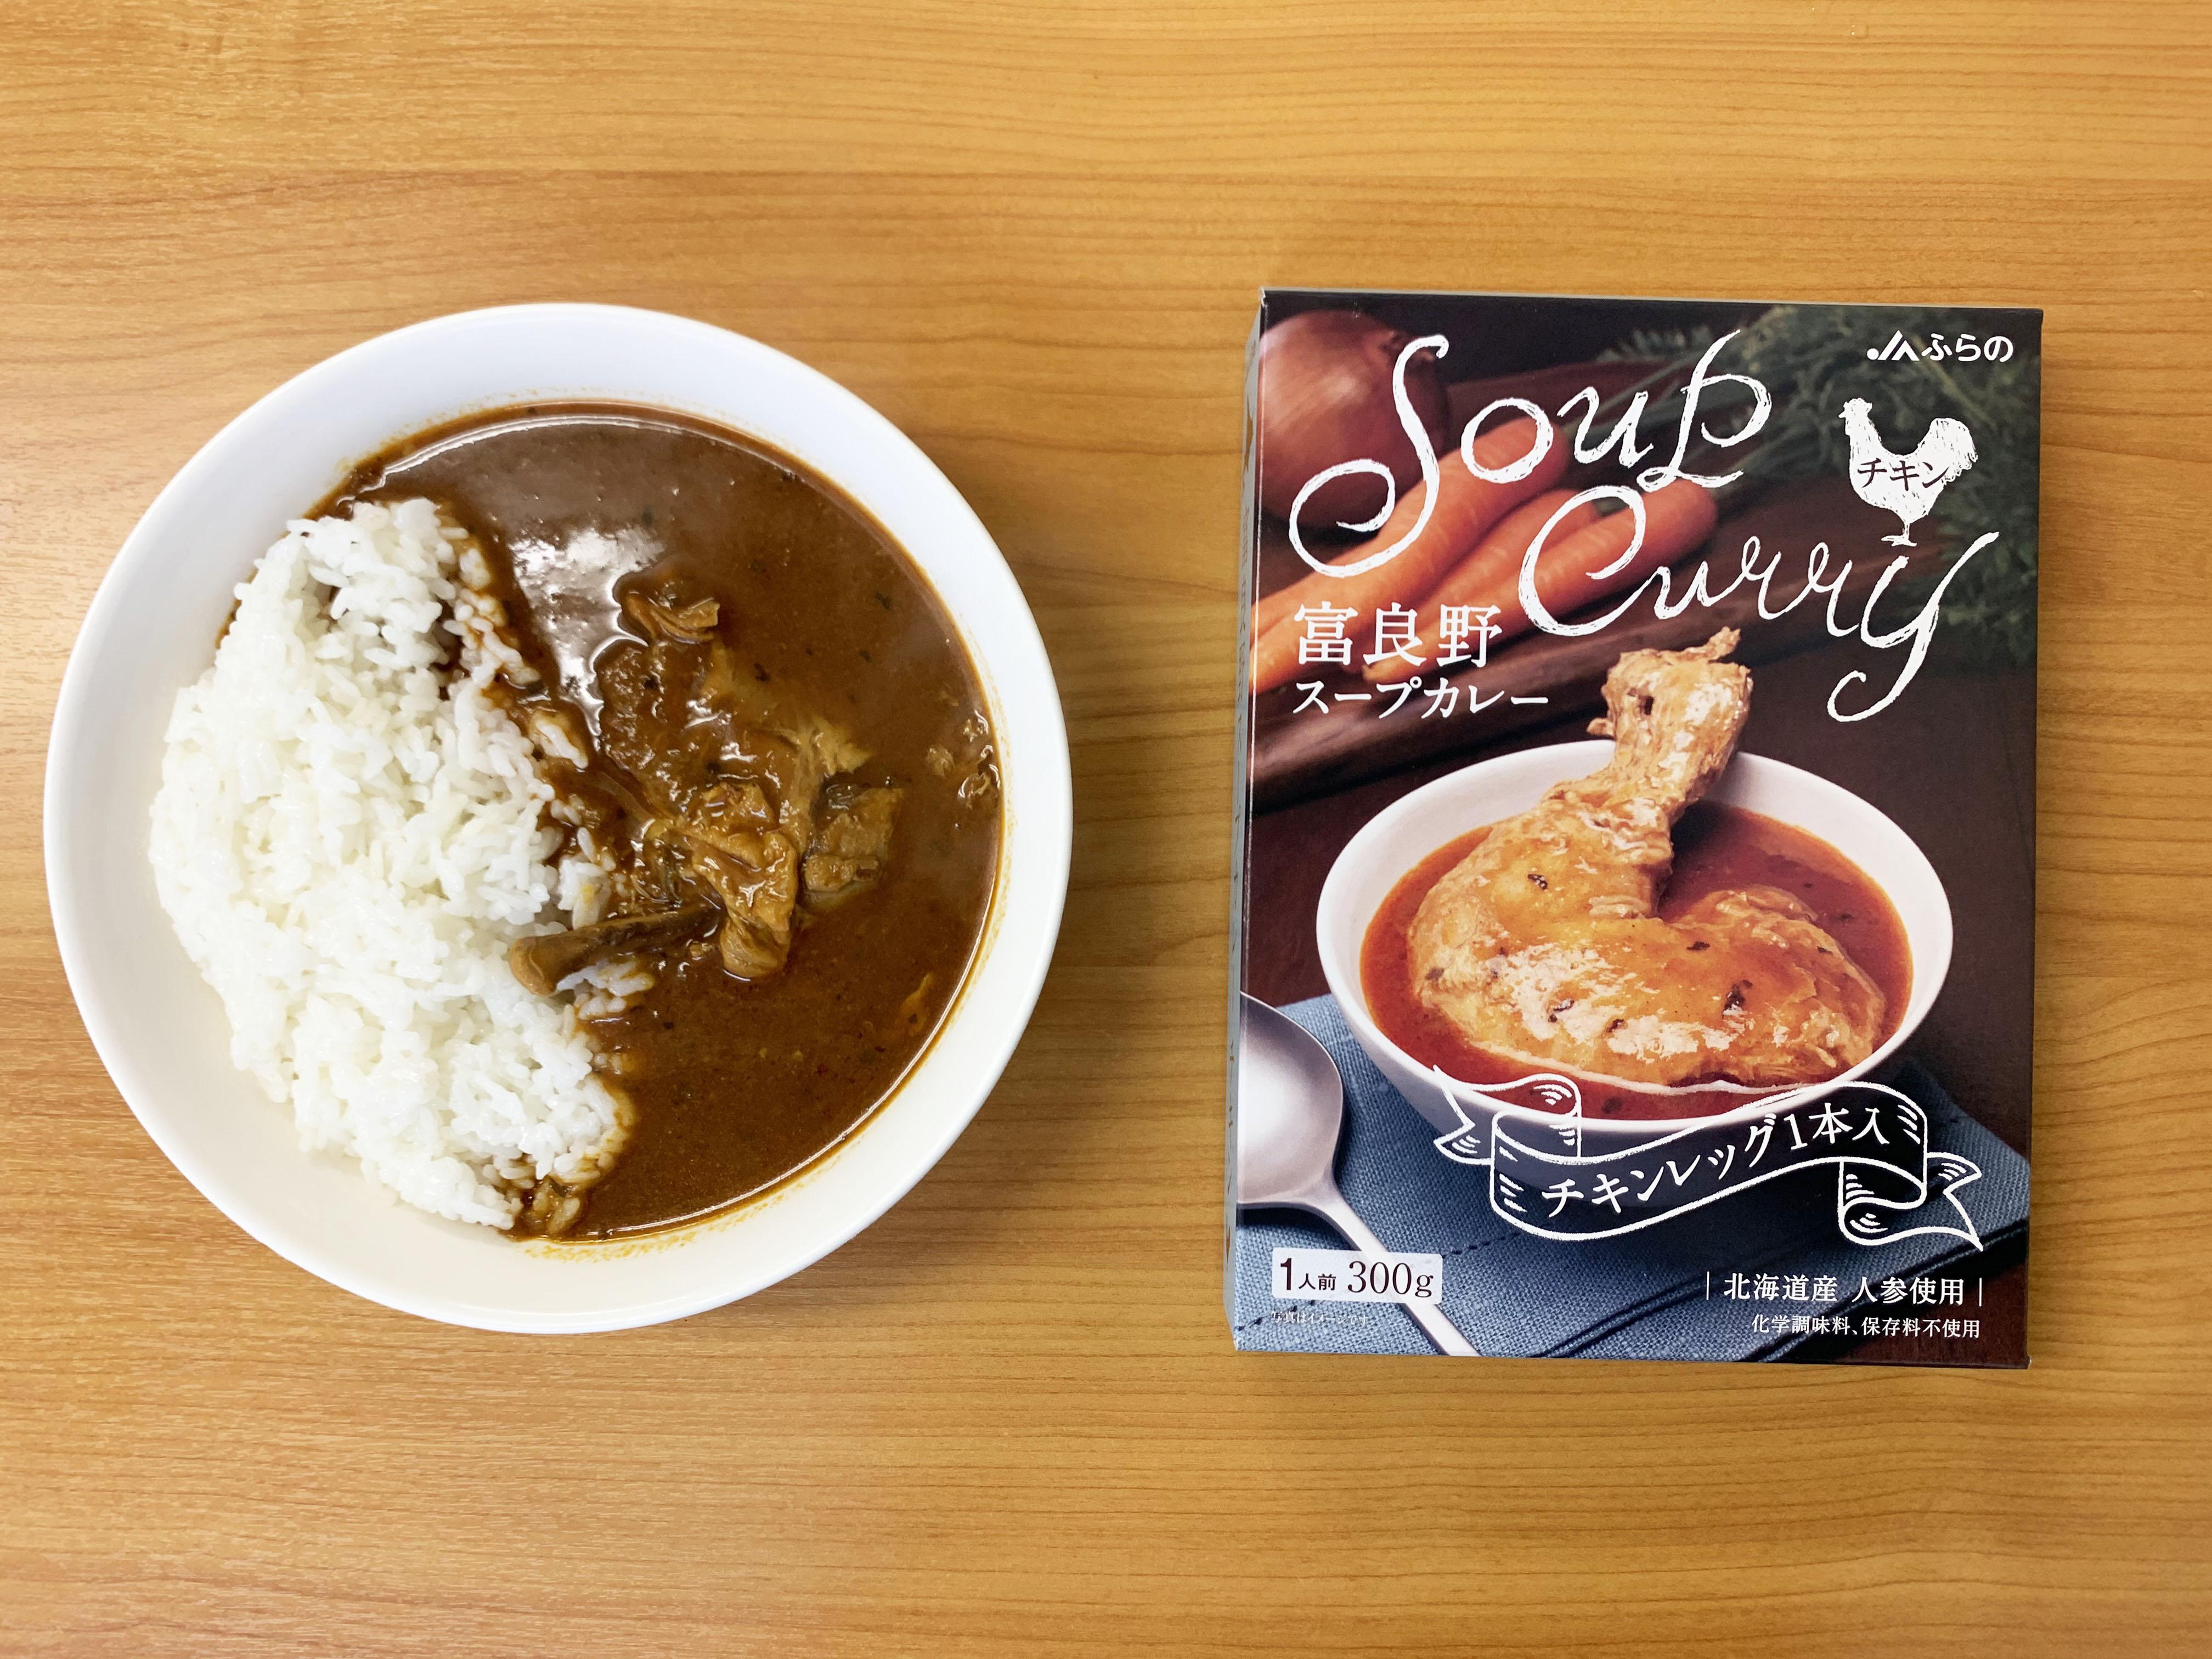 【正直レビュー】肉がガツンとした写真でジャケ買いしたレトルトカレー『富良野スープカレー』の中身はこんな感じでした。